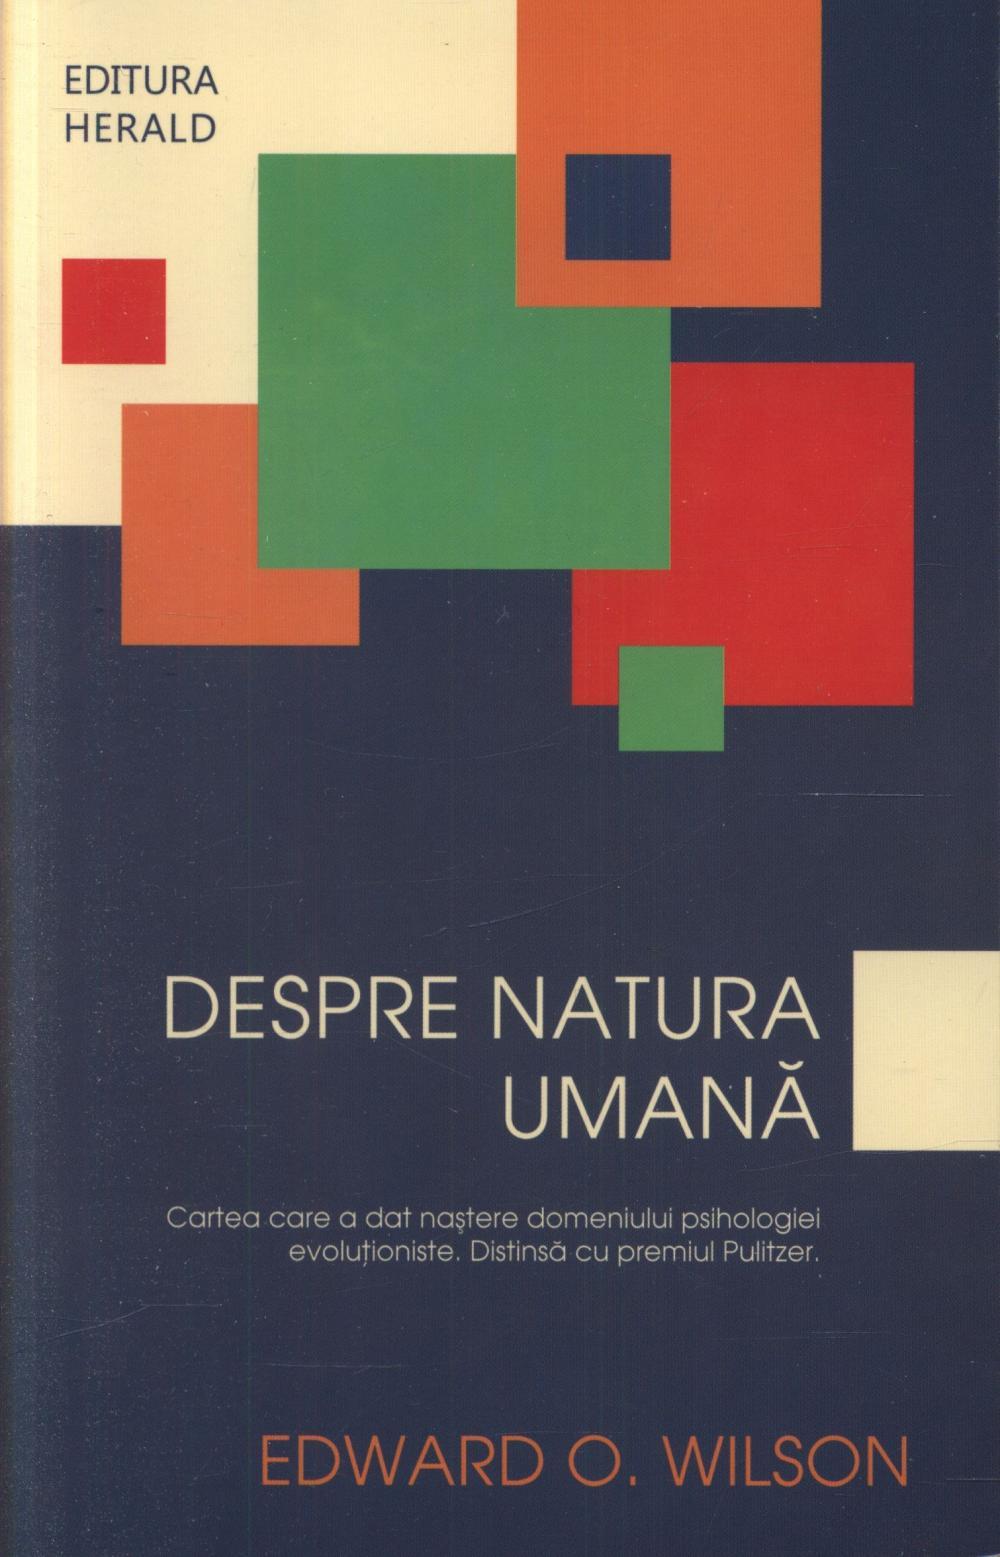 DESPRE NATURA UMANA